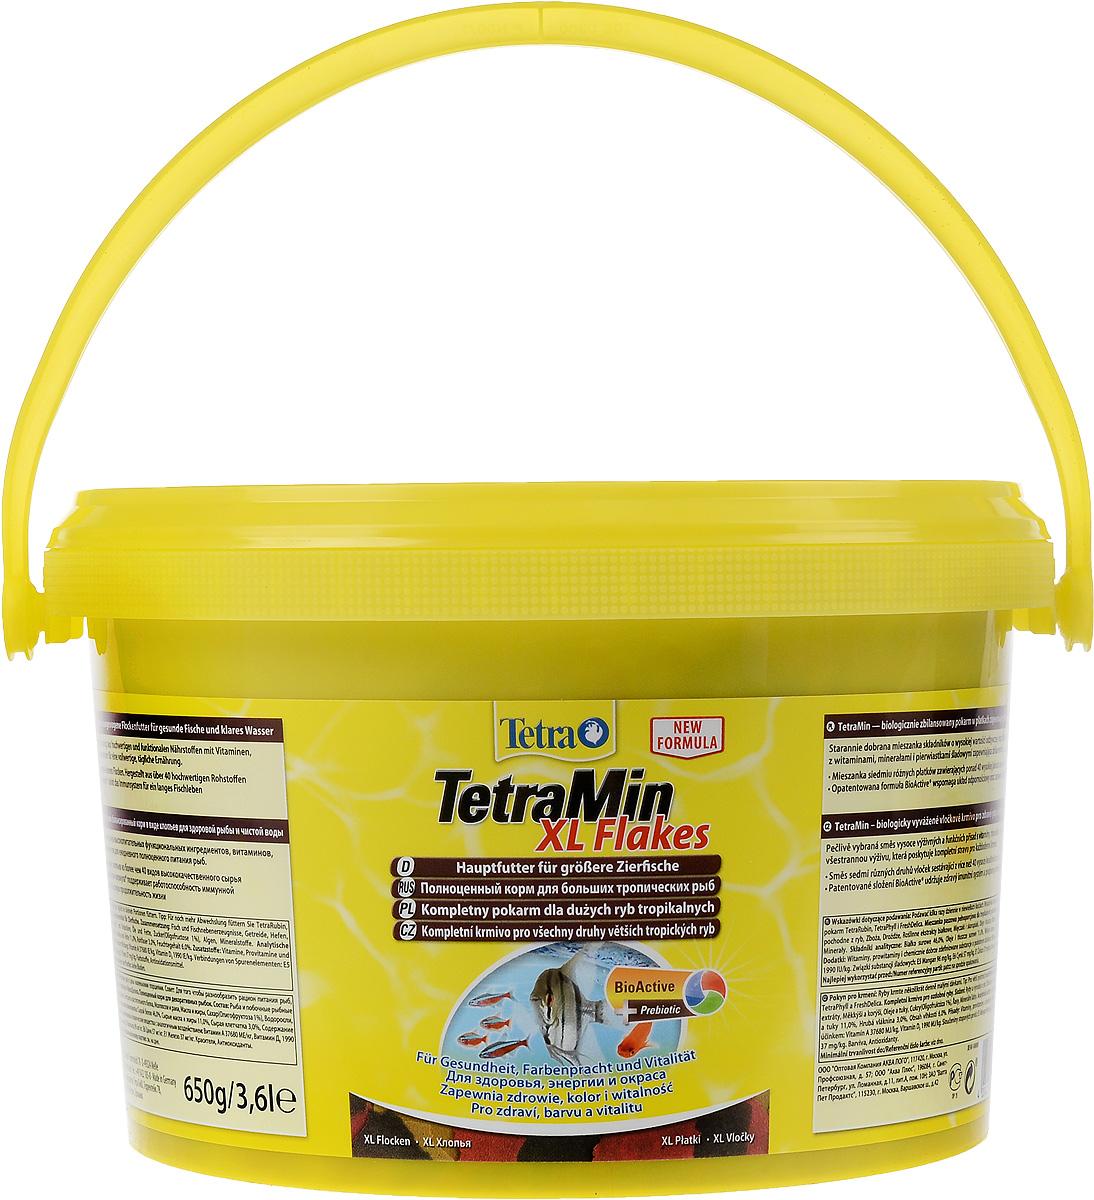 Корм Tetra TetraMin. XL Flakes для больших тропических рыб, крупные хлопья, 3,6 л (650 г)193789Корм Tetra TetraMin. XL Flakes - это биологически сбалансированный корм в виде хлопьев, предназначенный для больших тропических декоративных рыб. Тщательно подобранная смесь высокопитательных функциональных ингредиентов, витаминов, минералов и микроэлементов для ежедневного полноценного питания рыб. С хлопьями TetraMin ваши рыбки питаются безопасным кормом в виде хлопьев, подходящим по размеру для больших рыб. Смесь семи разных видов хлопьев из более чем 40 видов высококачественного сырья легко усваивается рыбами. Исключительное свойство хлопьев плавать и медленно погружаться в воду обеспечивает оптимальное поглощение корма разными видами рыб. Запатентованная БиоАктив-формула поддерживает работоспособность иммунной системы, обеспечивая высокую продолжительность жизни. Корм содержит пребиотики для улучшенного функционирования организма и усвоения питательных веществ. При регулярном кормлении TetraMin сокращается концентрация нитратов, и улучшается качество воды. Кормить несколько раз в день небольшими порциями. Состав: рыба и побочные рыбные продукты, зерновые культуры, дрожжи, экстракты растительного белка, моллюски и раки, масла и жиры, сахар (олигофруктоза 1%), водоросли, минеральные вещества. Аналитические компоненты: сырой белок 46%, сырые масла и жиры 11%, сырая клетчатка 3%, влага 6%. Добавки: витамины, провитамины и химические вещества с аналогичным воздействием: витамин А 37680 МЕ/кг, витамин Д3 1990 МЕ/кг. Комбинации микроэлементов: Е5 марганец 96 мг/кг, Е6 цинк 57 мг/кг, Е1 железо 37 мг/кг. Красители, антиоксиданты. Товар сертифицирован.